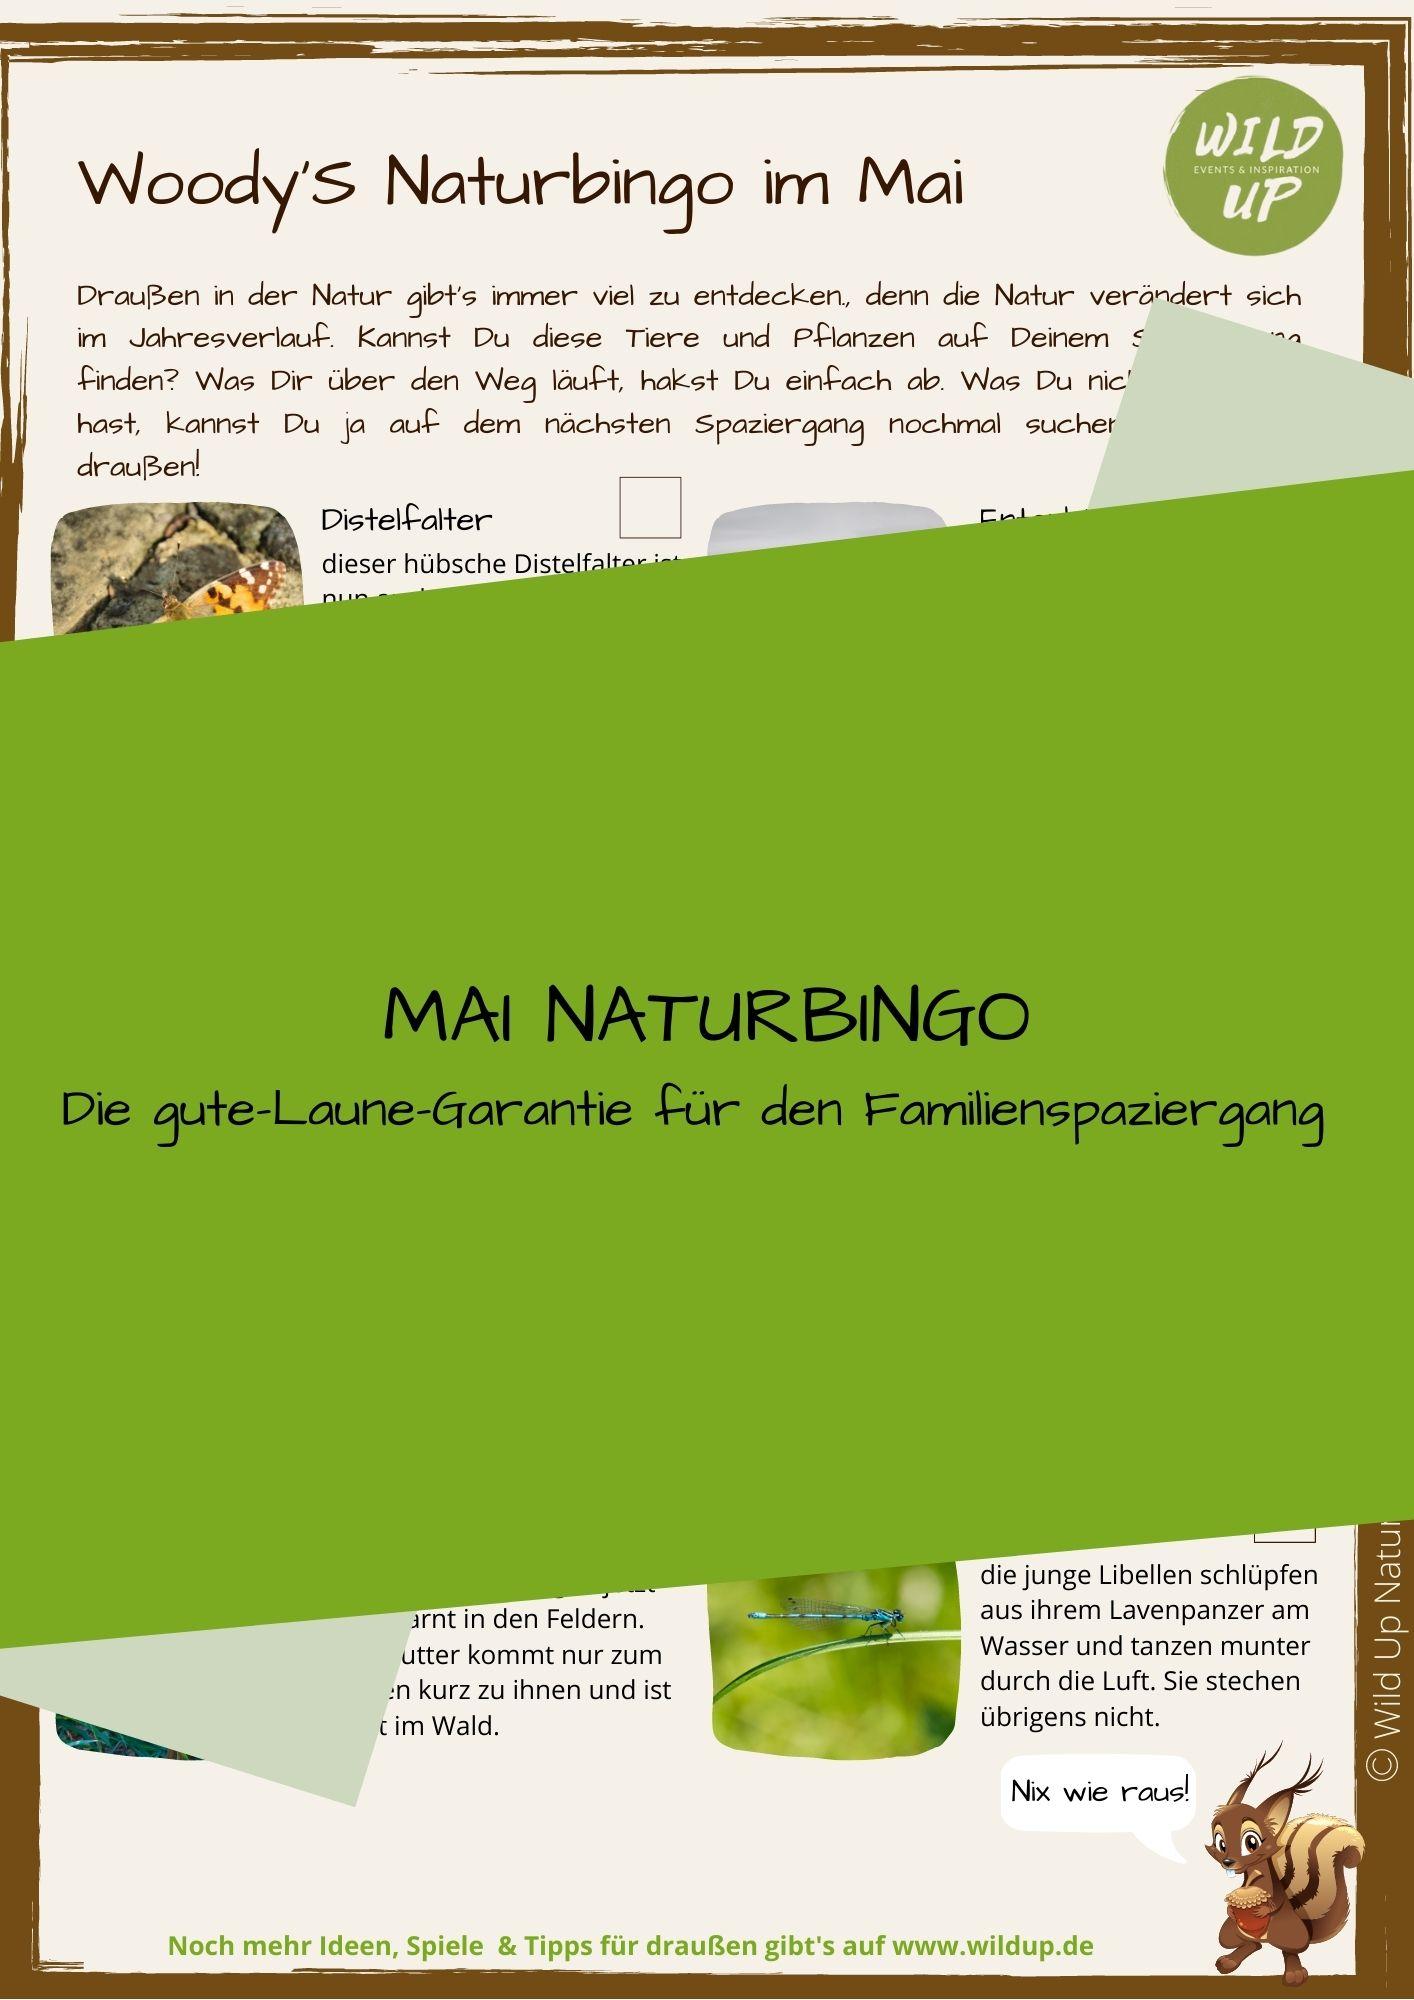 Naturbingo spielen mit Kindern